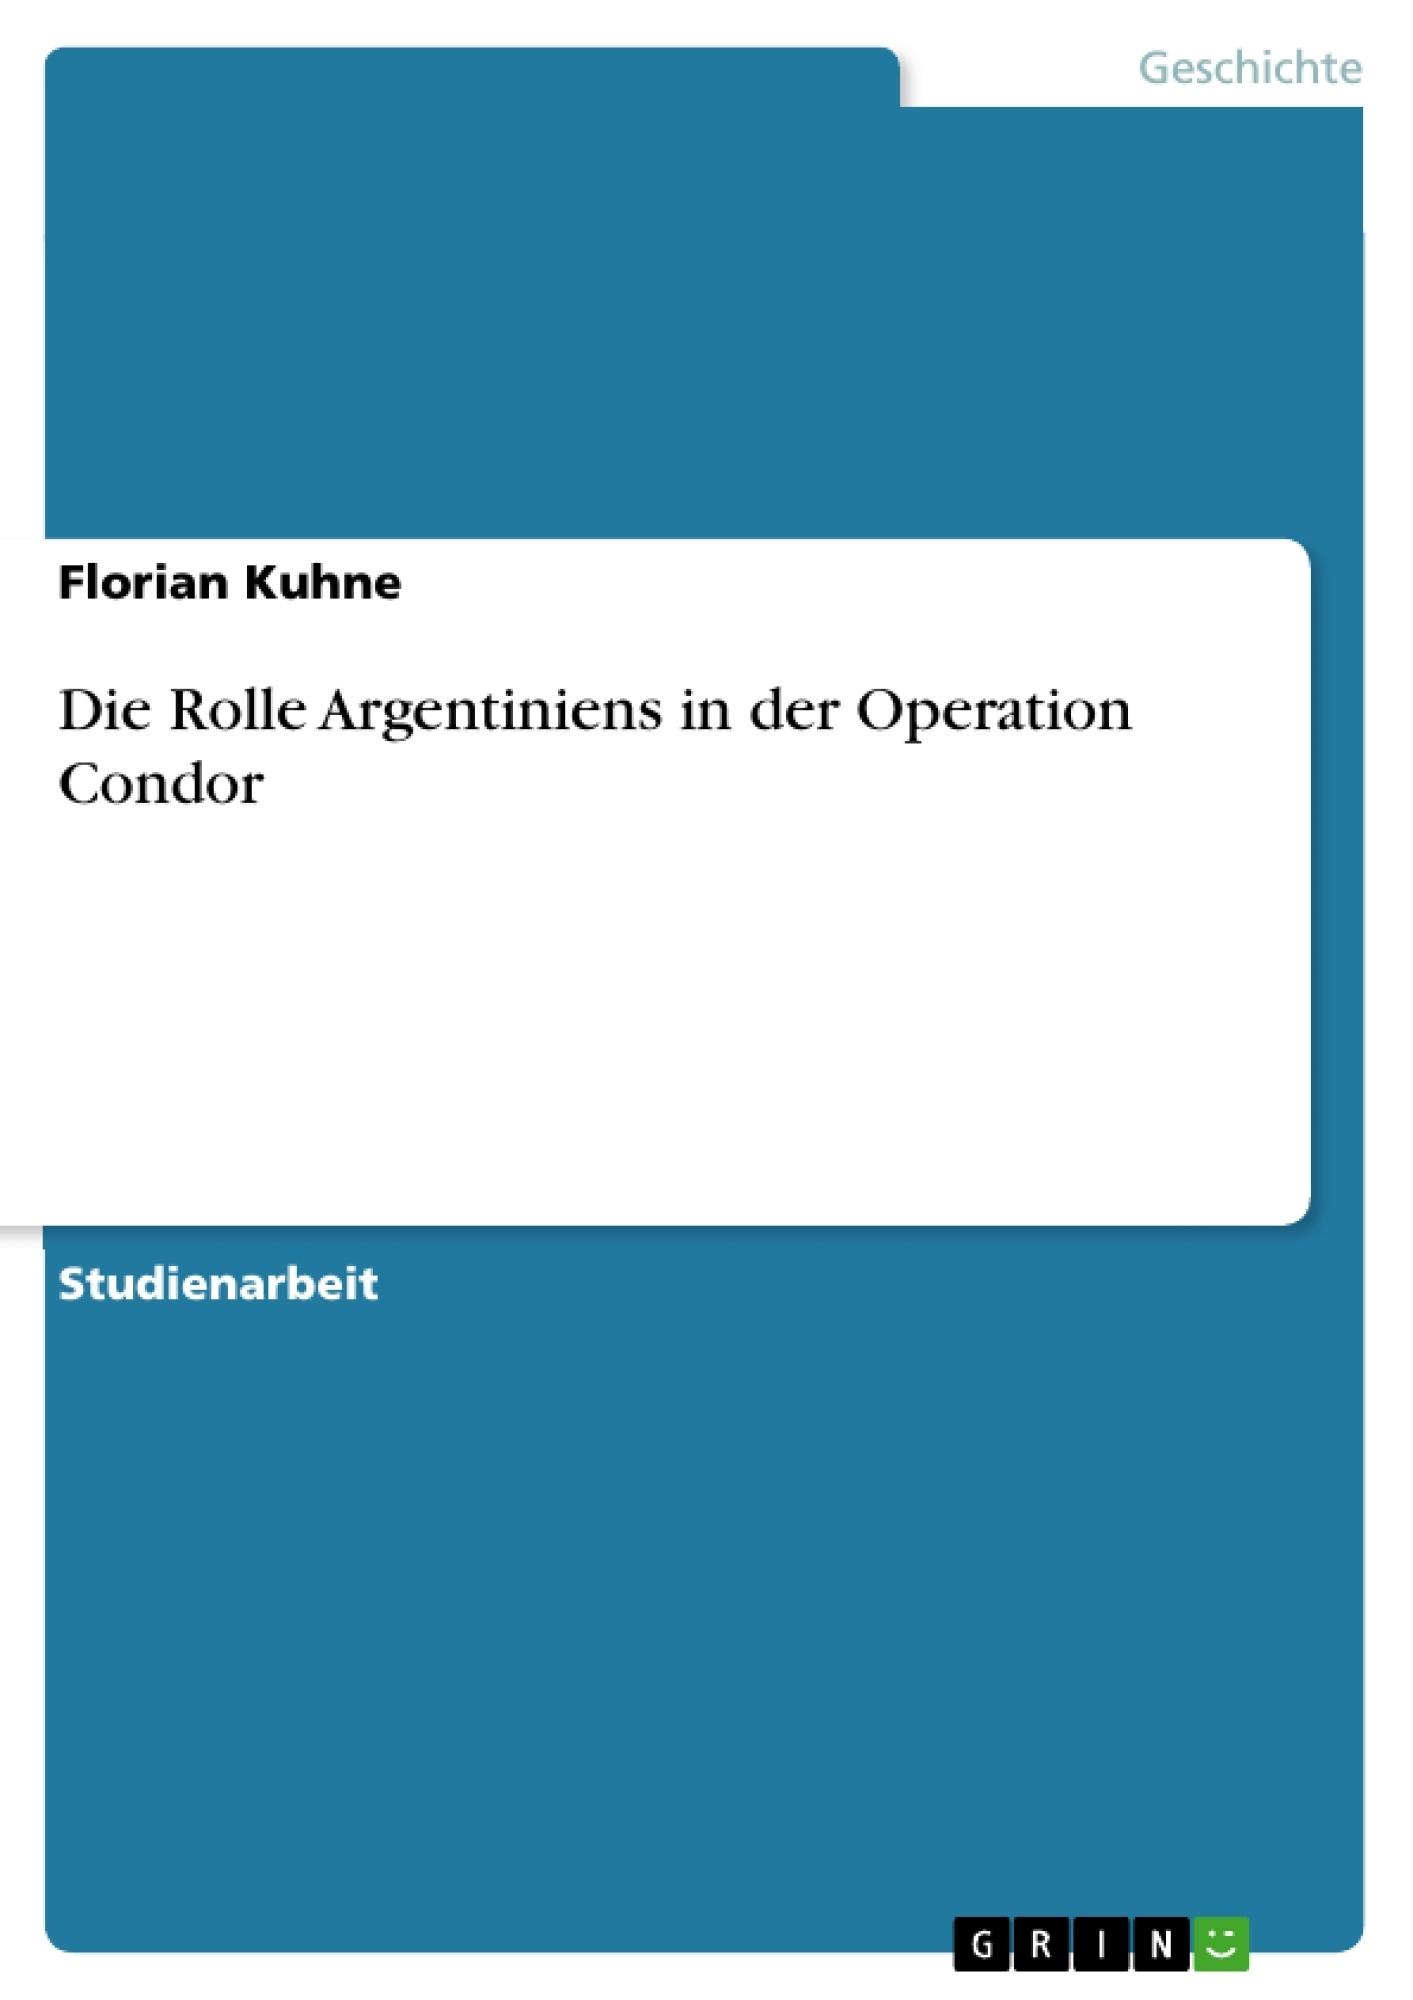 Titel: Die Rolle Argentiniens in der Operation Condor